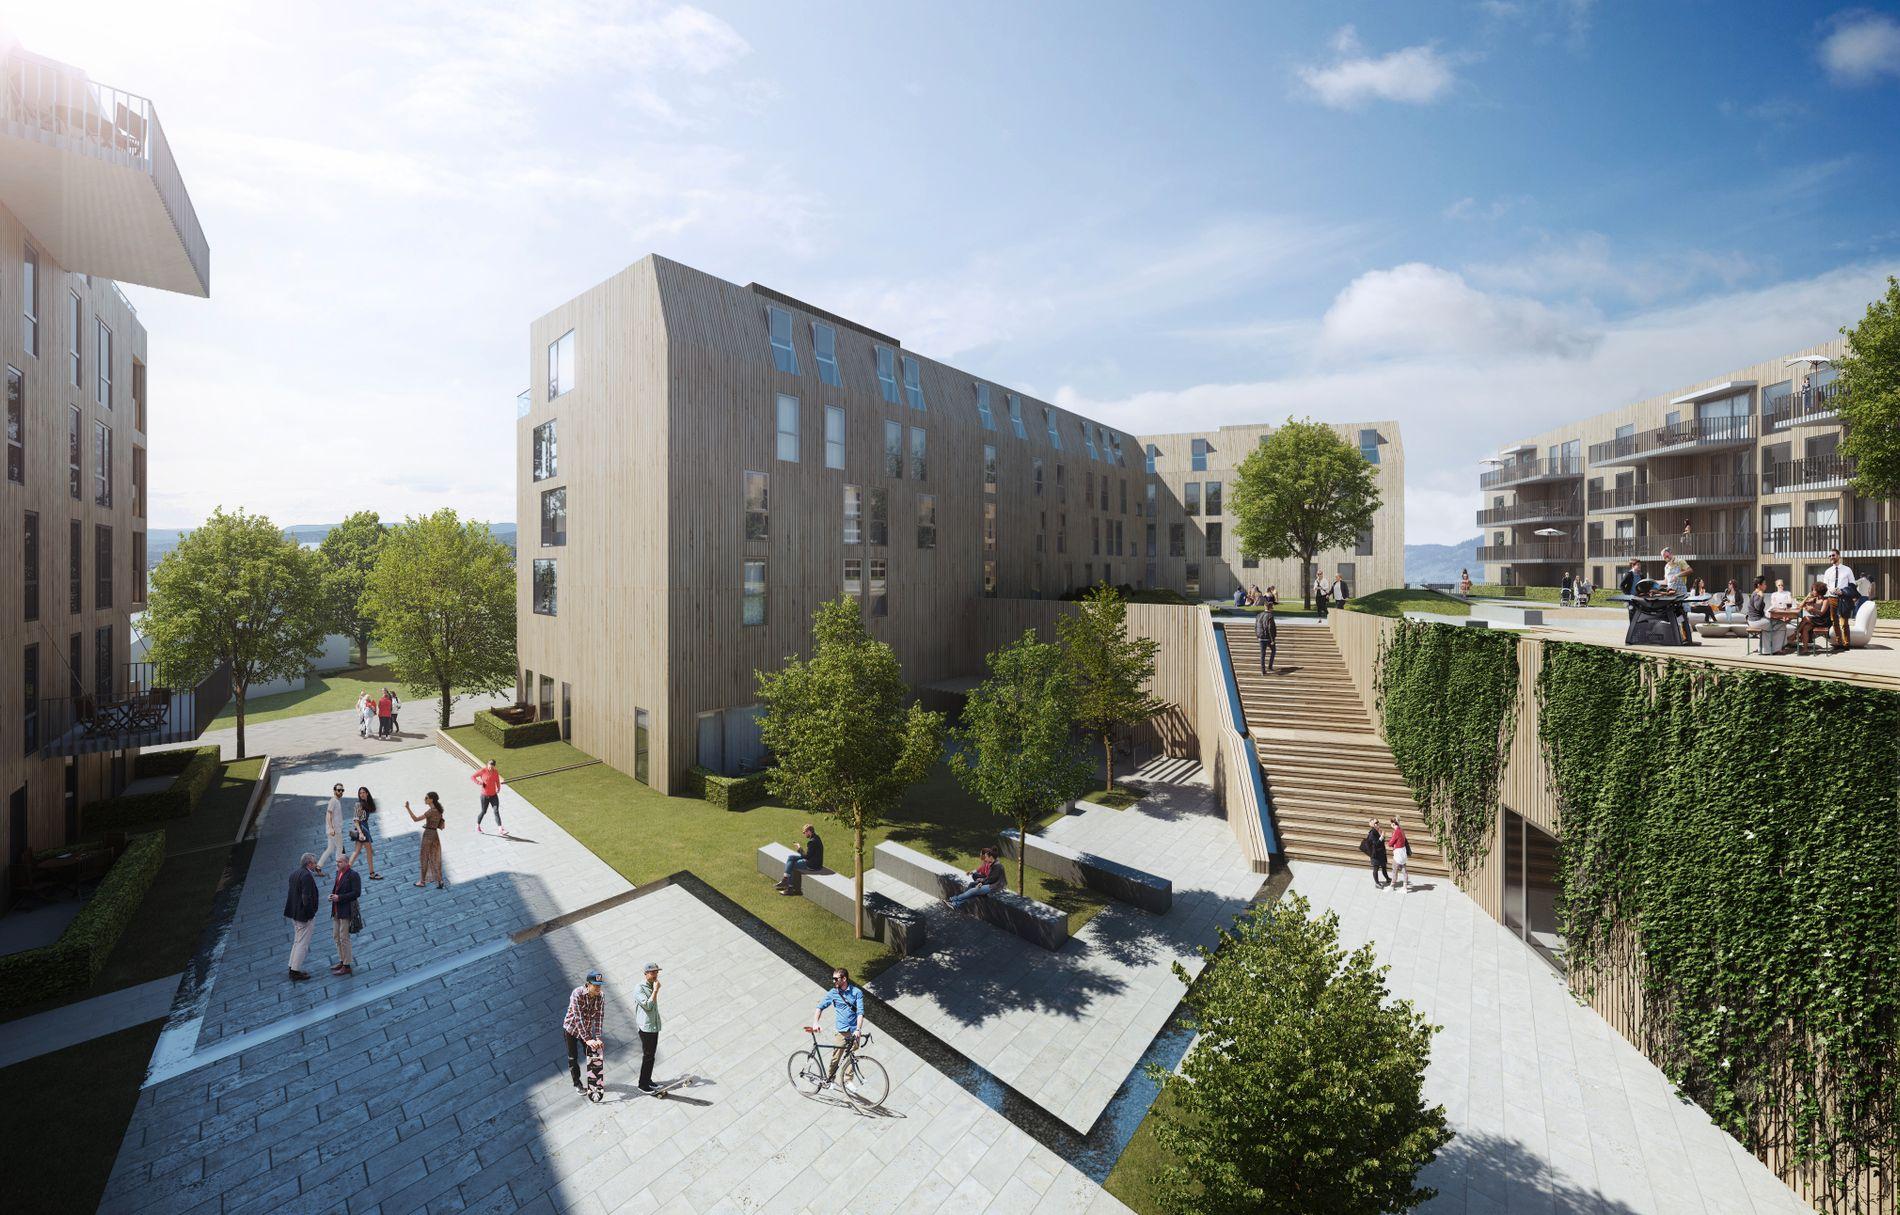 SOSIALE SONER: Omkranset av leilighetsbyggene blir det en grønn og fredelig oase for beboerne.